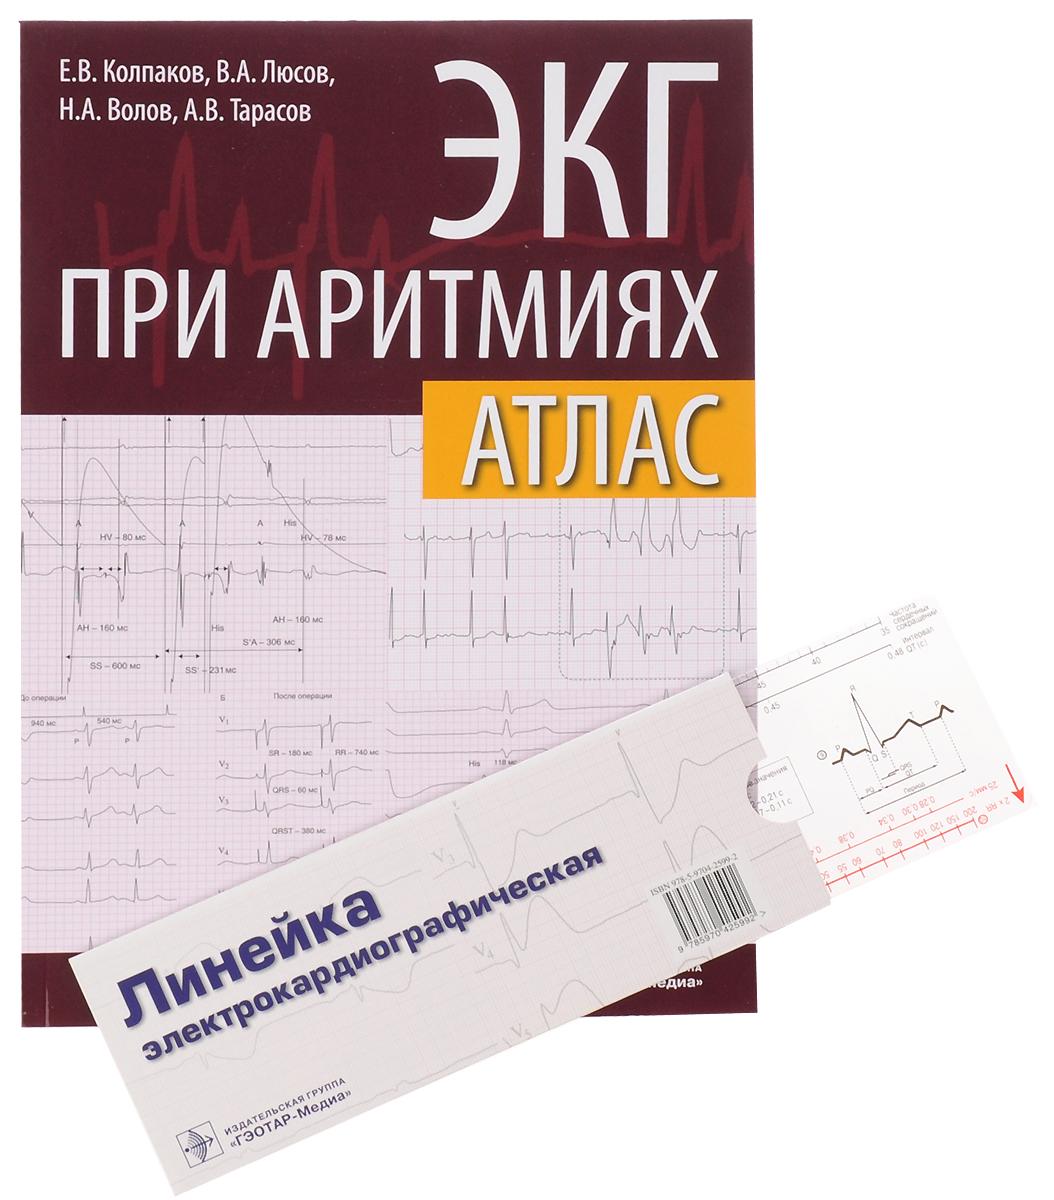 ЭКГ при аритмиях. Атлас